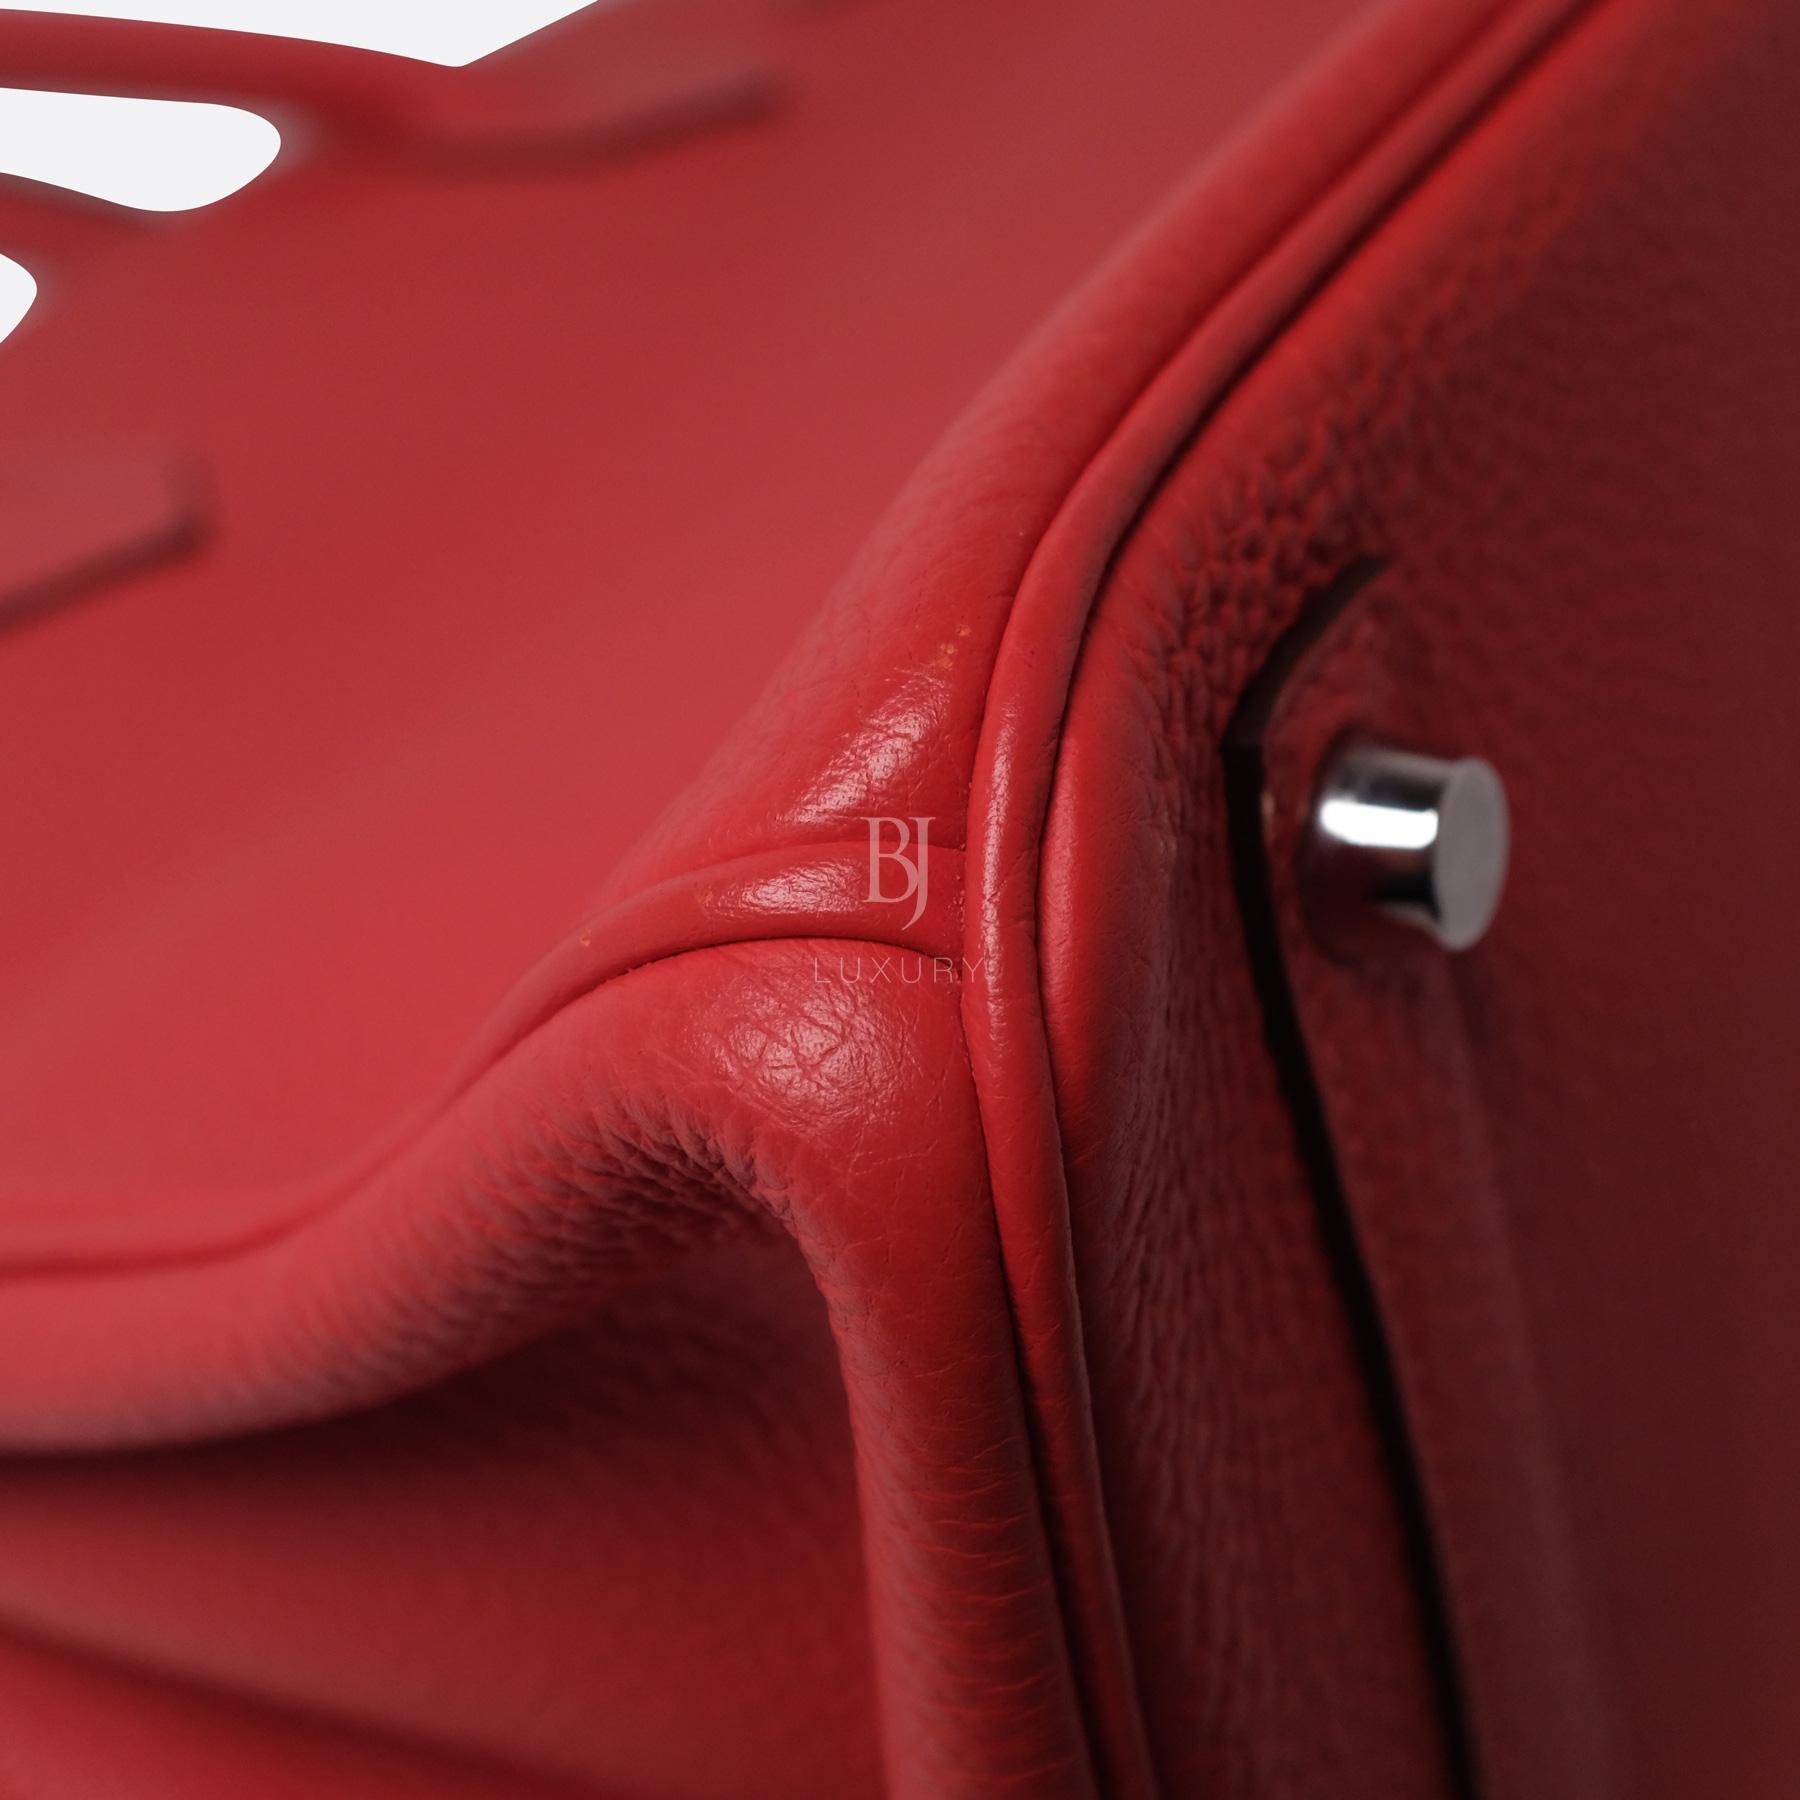 Hermes Birkin 30 Rougue Pivoine Togo Palladium BJ Luxury 19.jpg